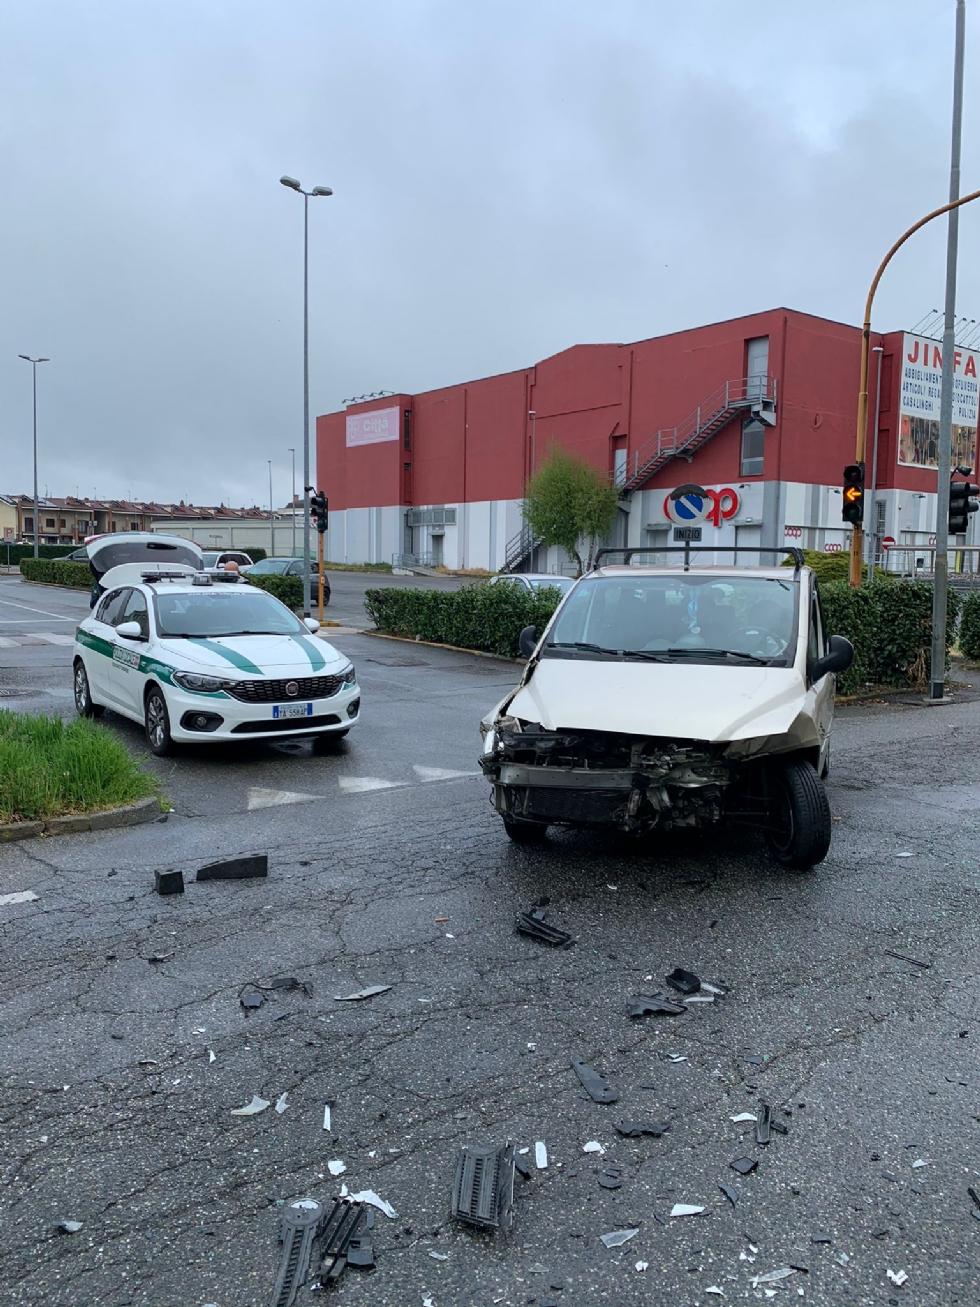 BORGARO - Scontro in via Lanzo fra due auto: una persona ferita - FOTO